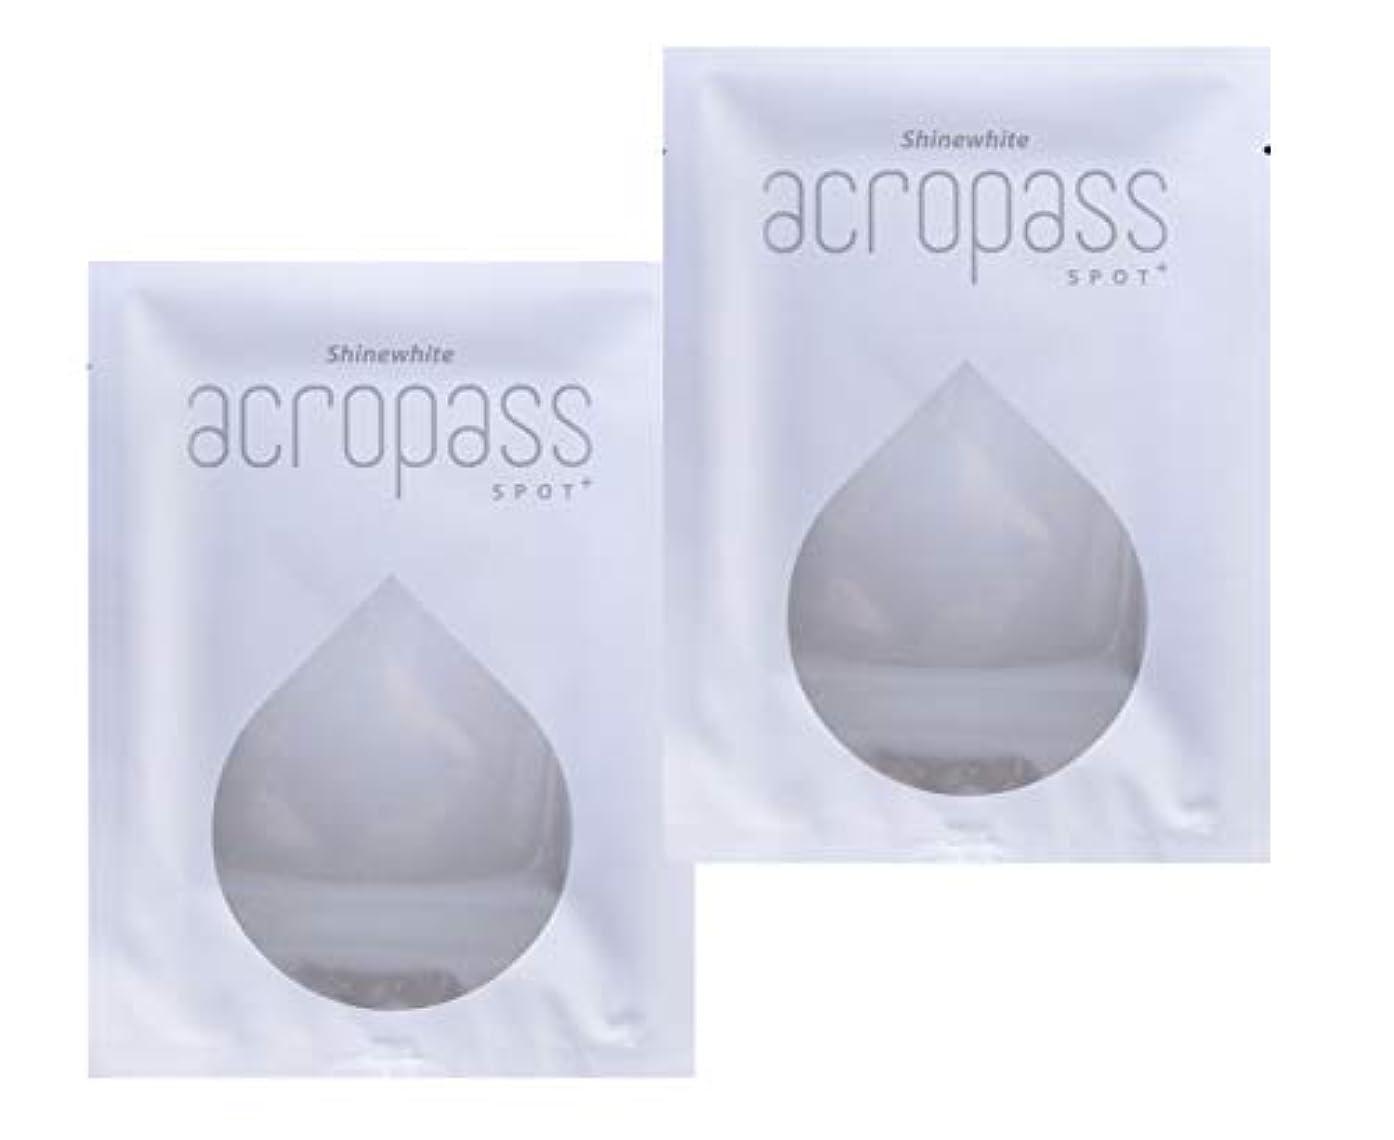 憂鬱尊厳石炭★★アクロパス スポットプラス★★ 2パウチセット (1パウチ:2枚入り)  美白効果をプラスしたアクロパス、ヒアルロン酸+4種の美白成分配合マイクロニードルパッチ